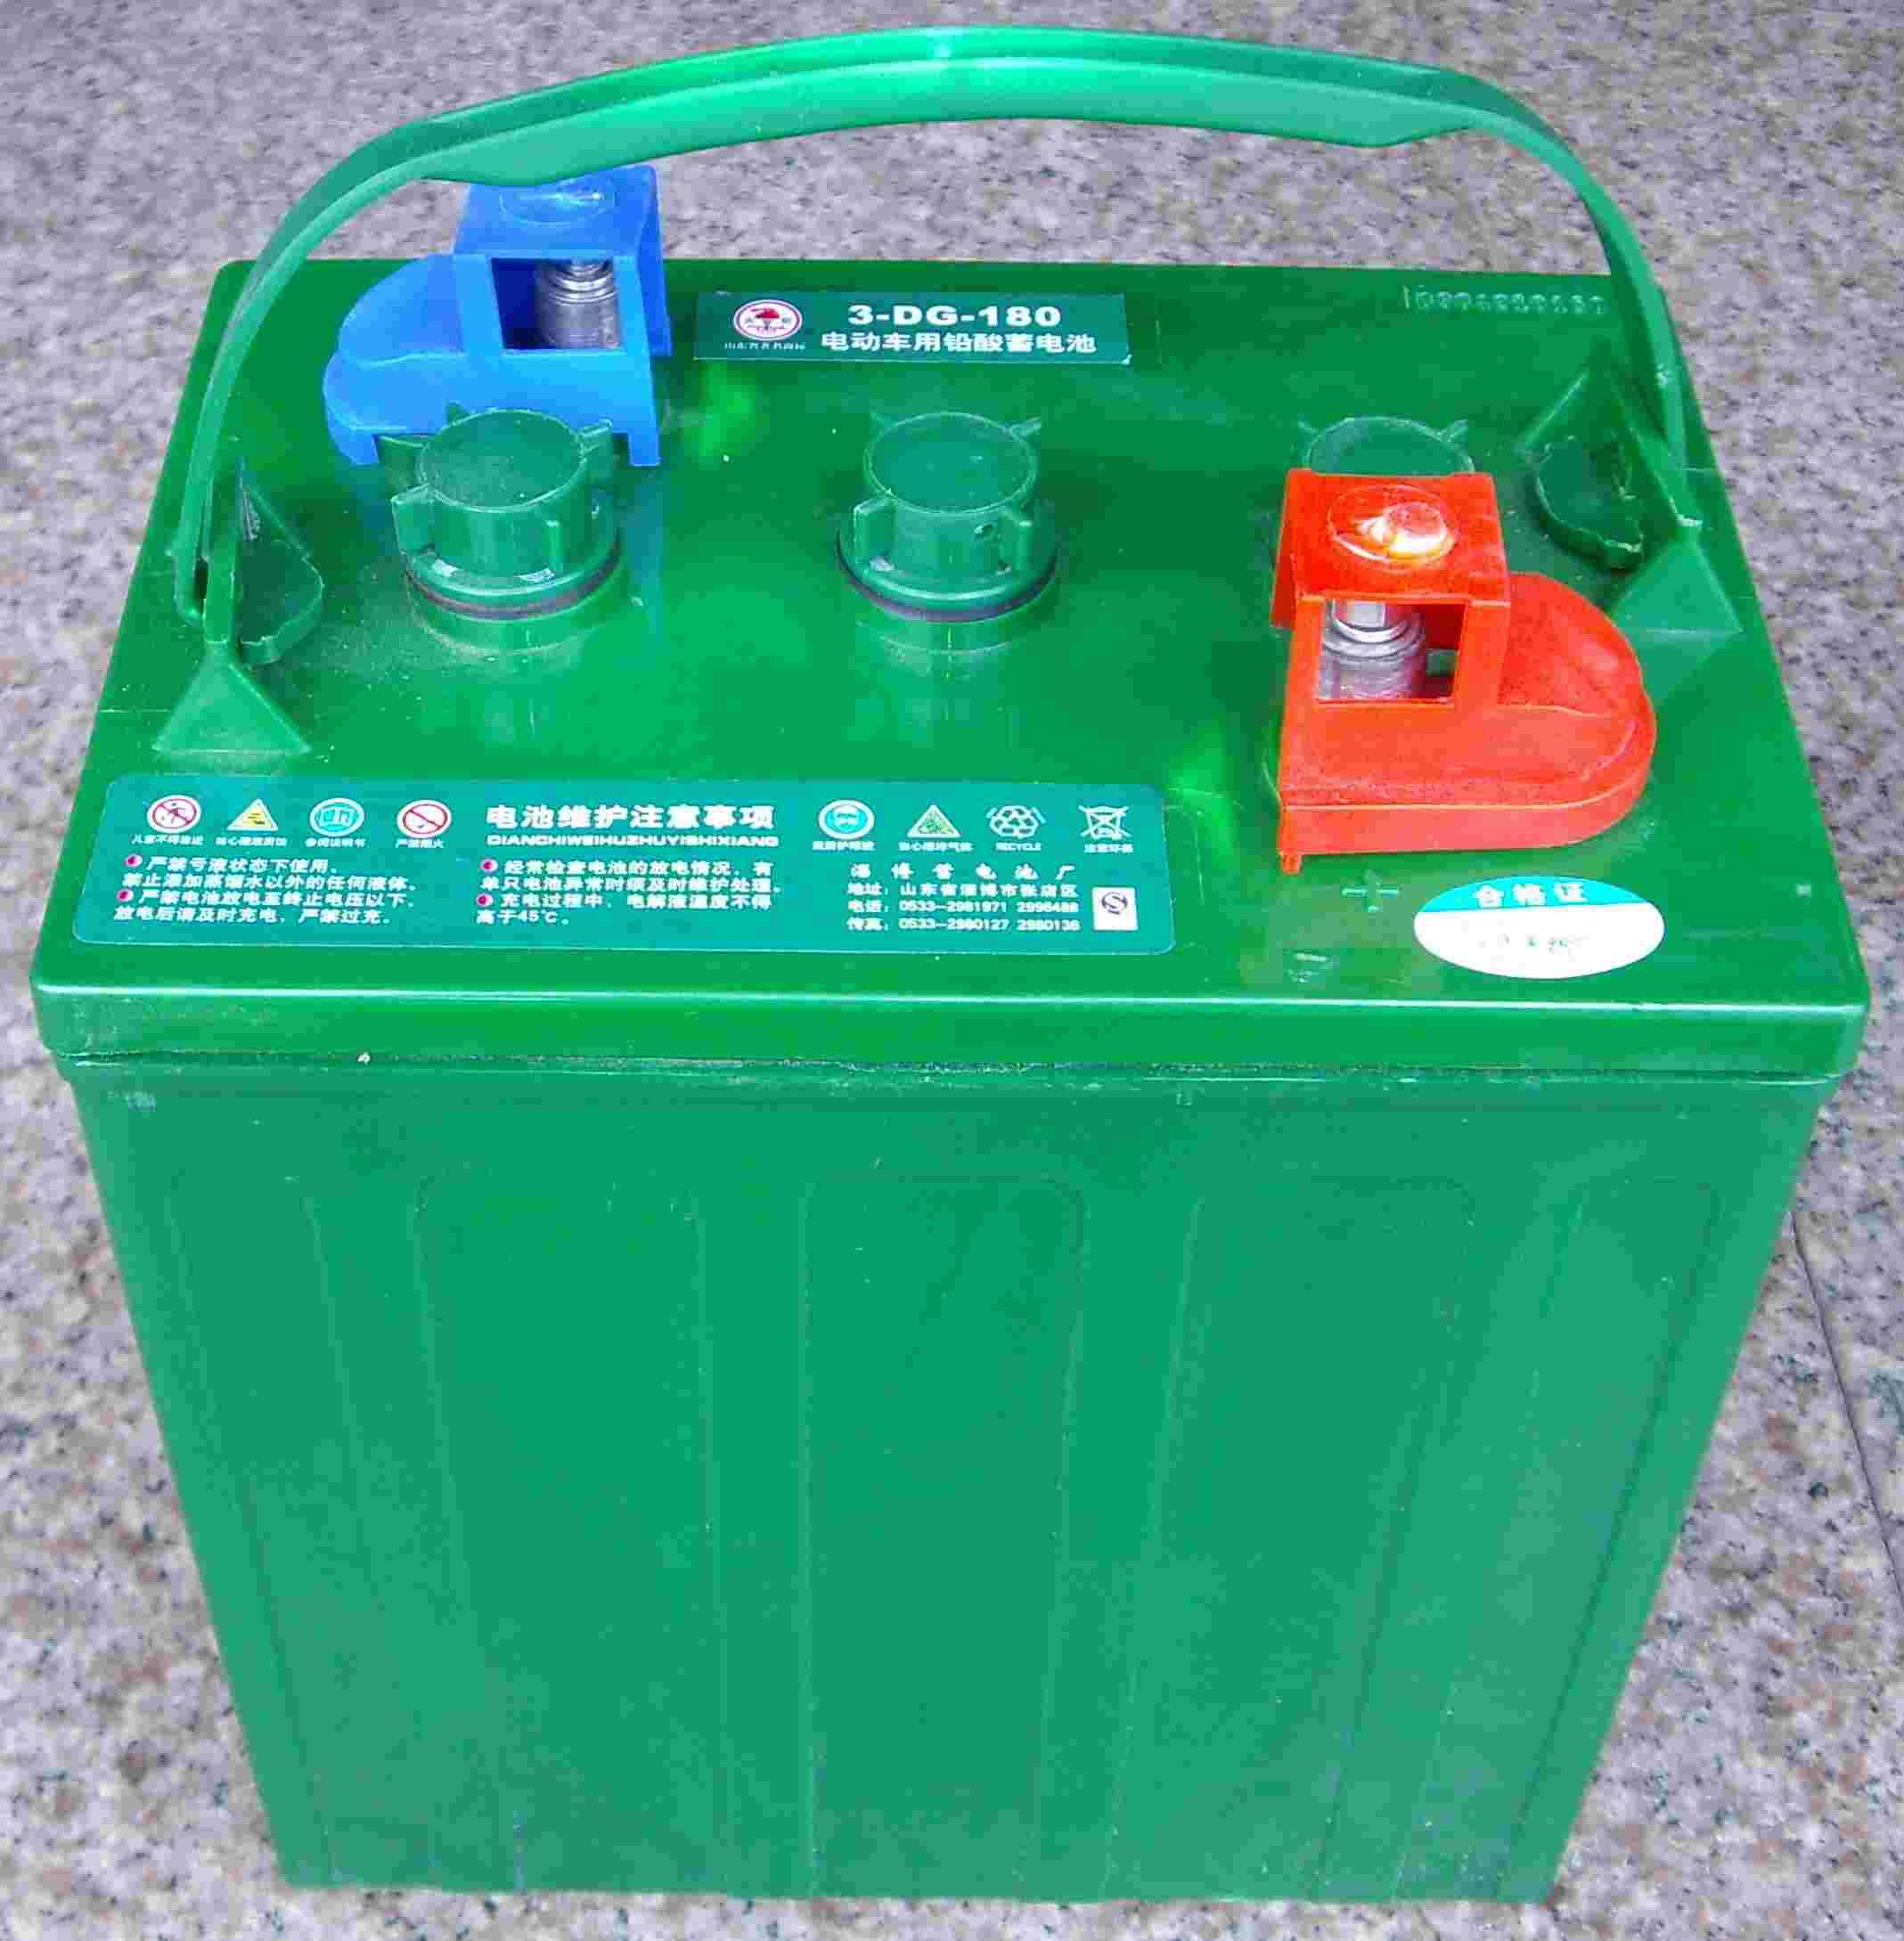 厂家直销观光车蓄电池 3DG-230 观光车电池 6V230AH 火炬蓄电池 电动游览车电瓶 火炬电瓶